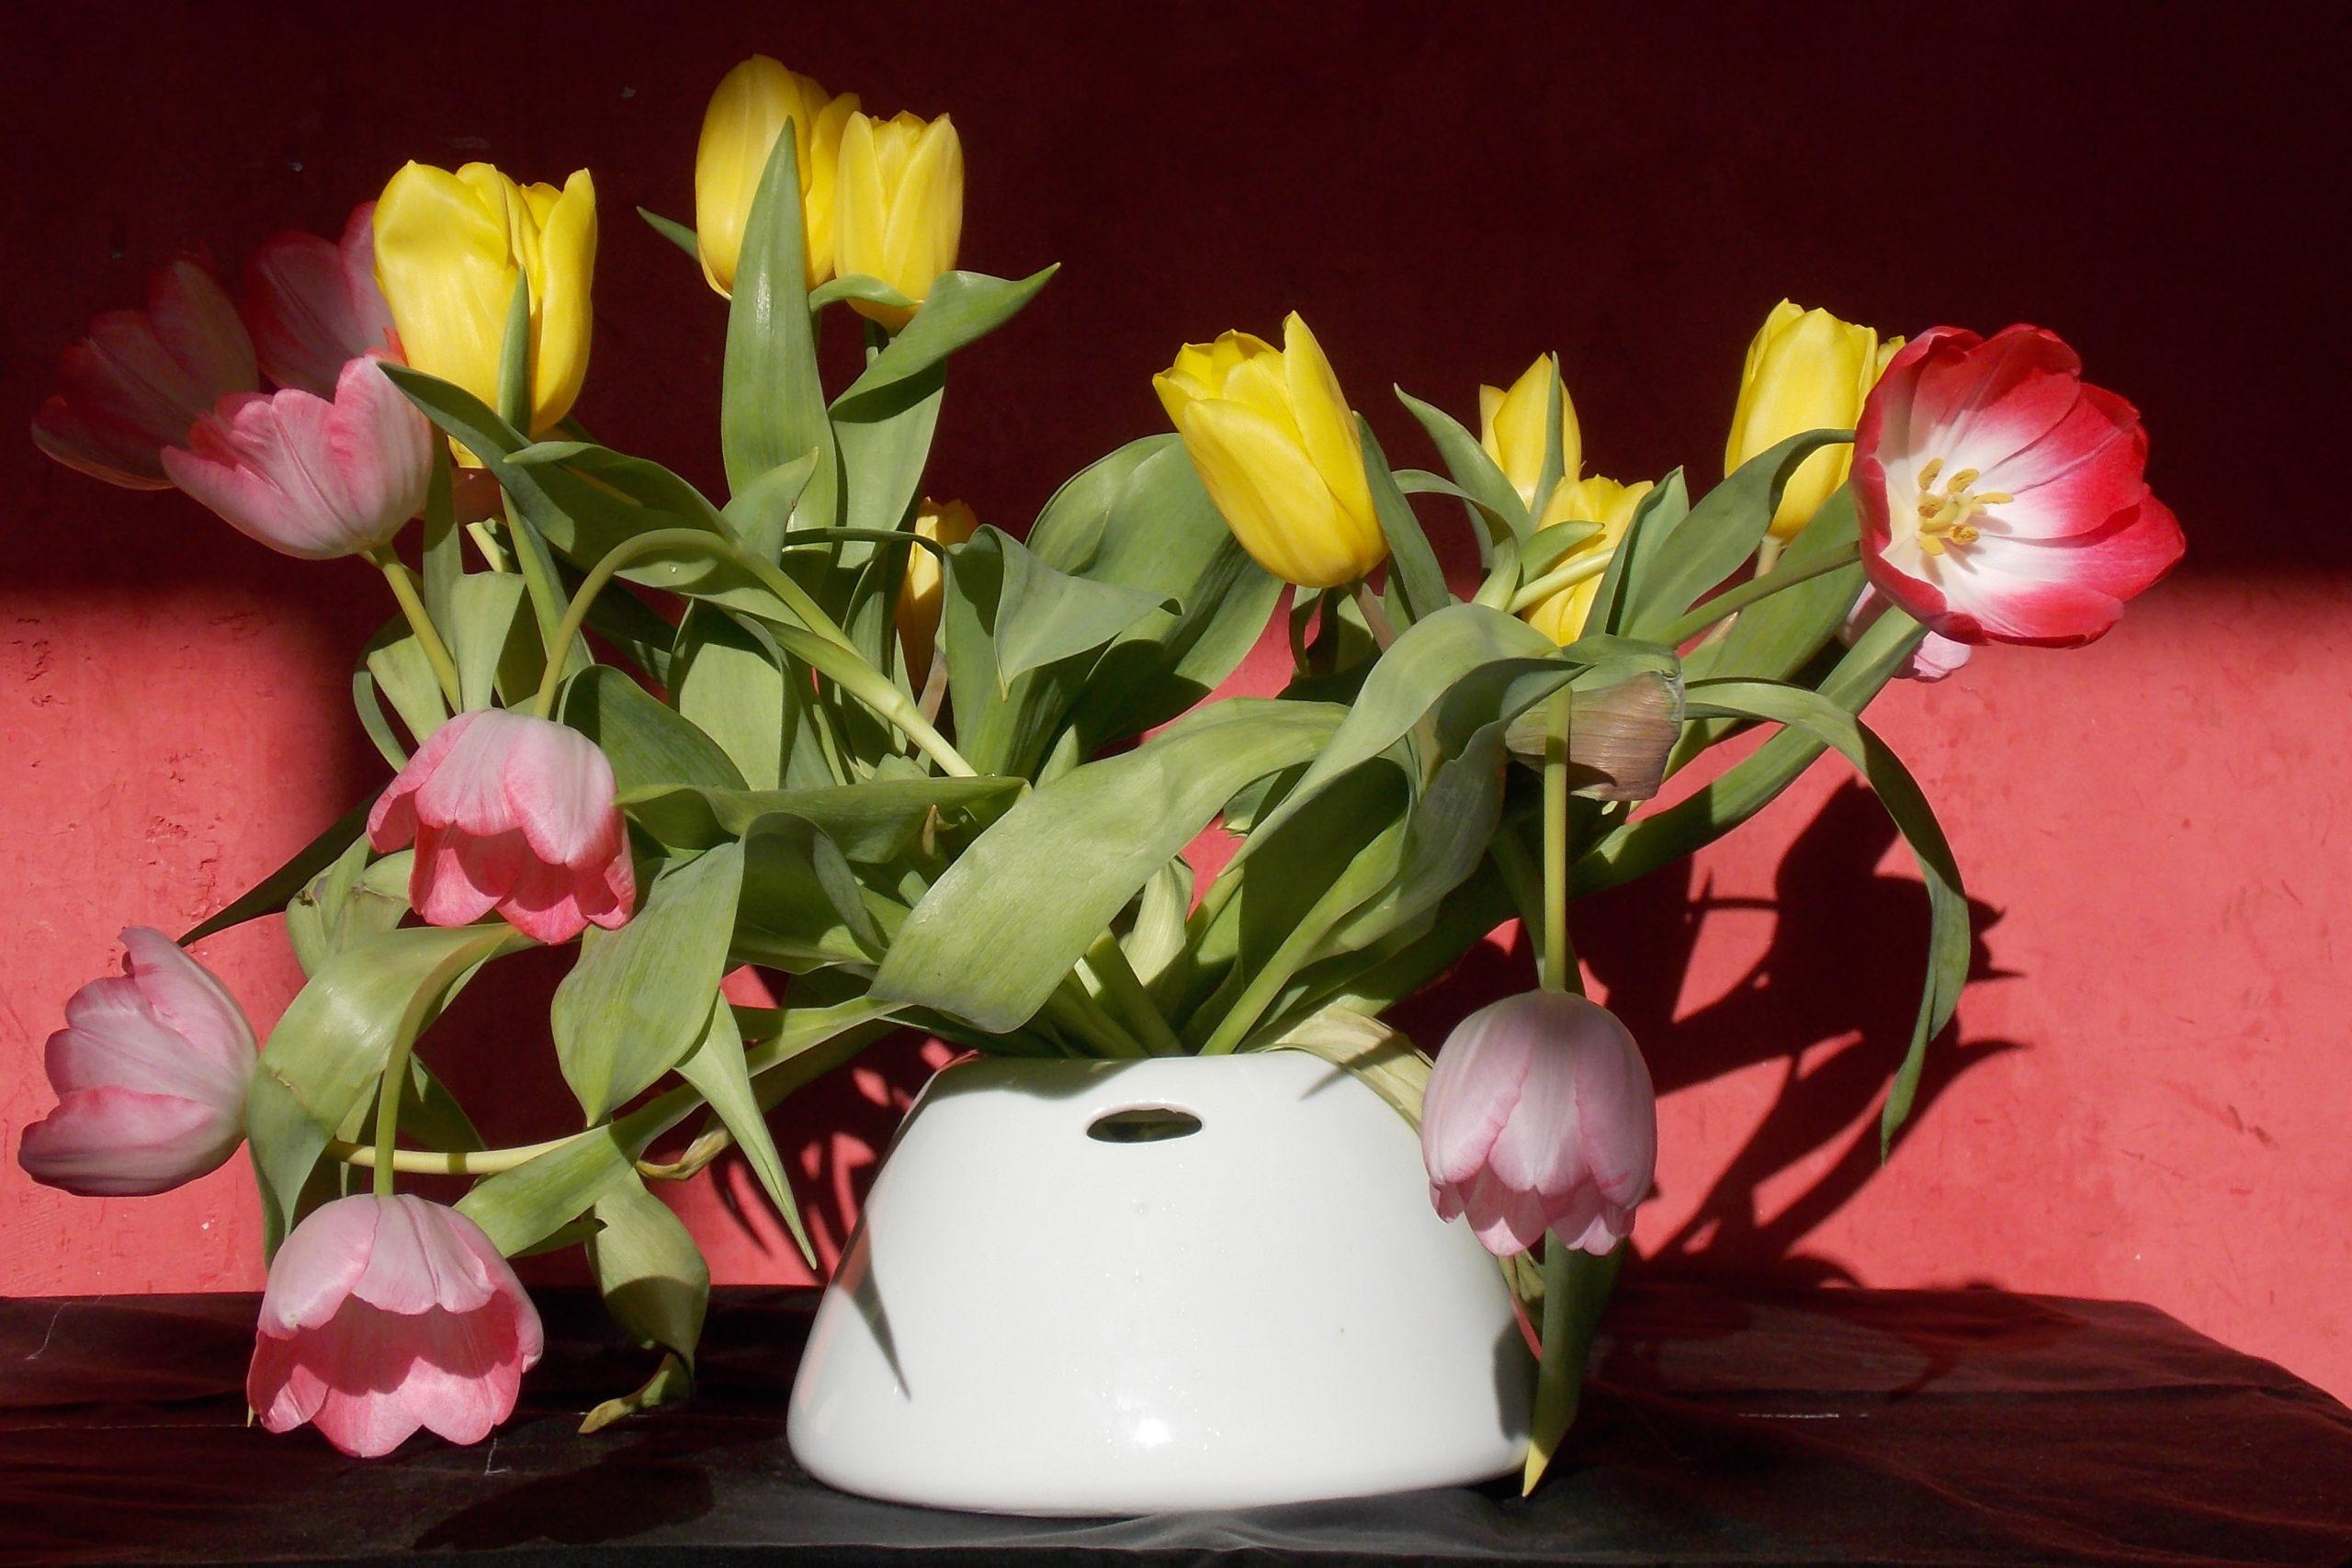 Niedrig est un vase en porcelaine blanche fabriqué en Bretagne de façon artisanale